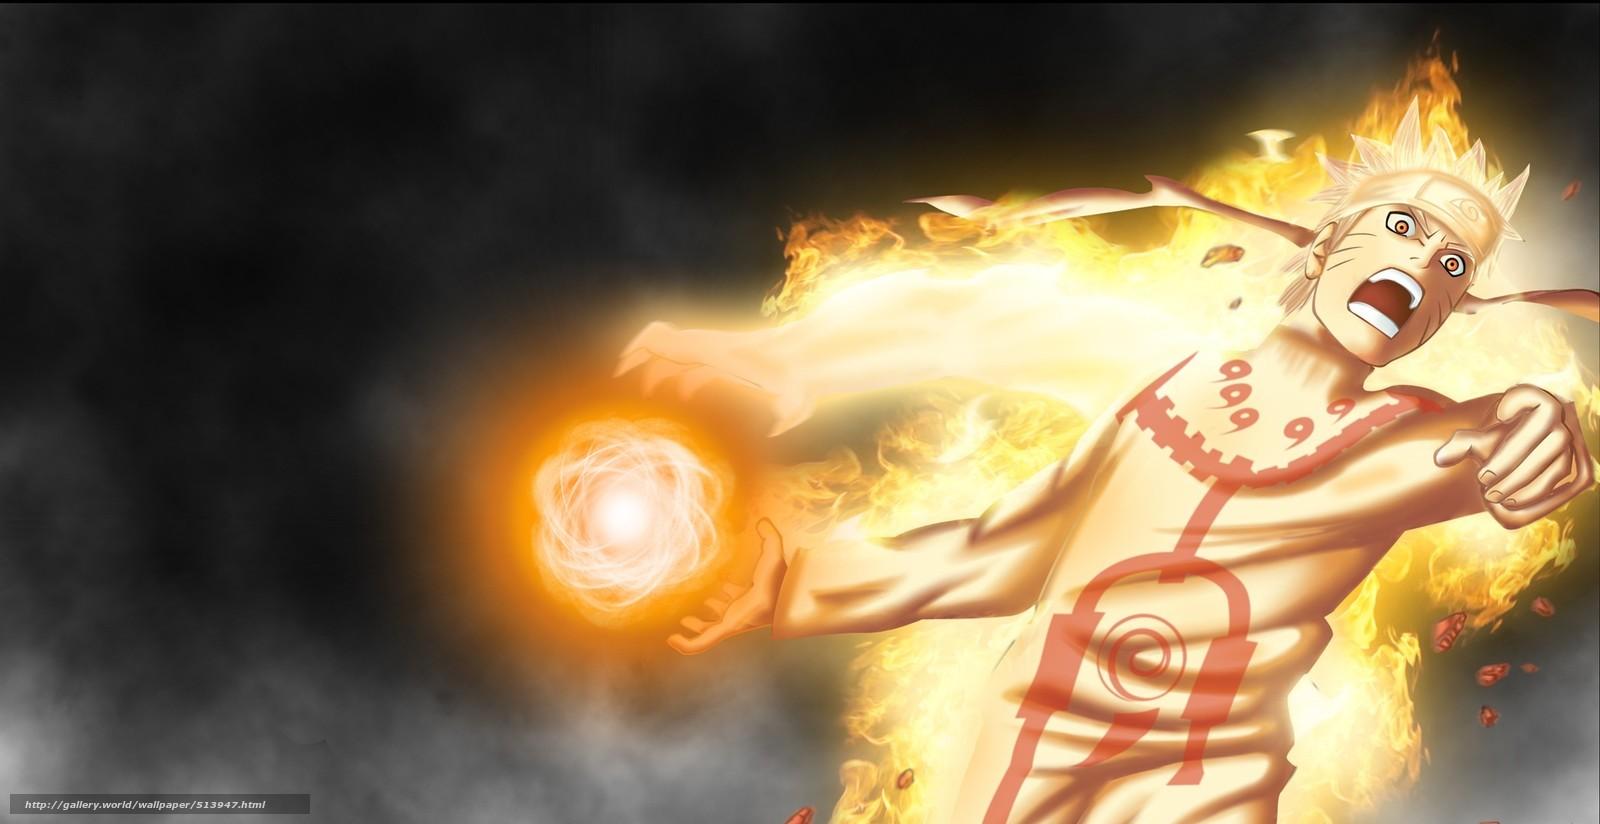 naruto, uzumaki, modo bijuu, anime, Naruto Shippuden, papel de parede, manga, hitayate, cabelo loiro, logotipo Konohagakure no sato, bijuu dama, chakra, chama, olho amarelo, Fria, Shinobi, Ninja